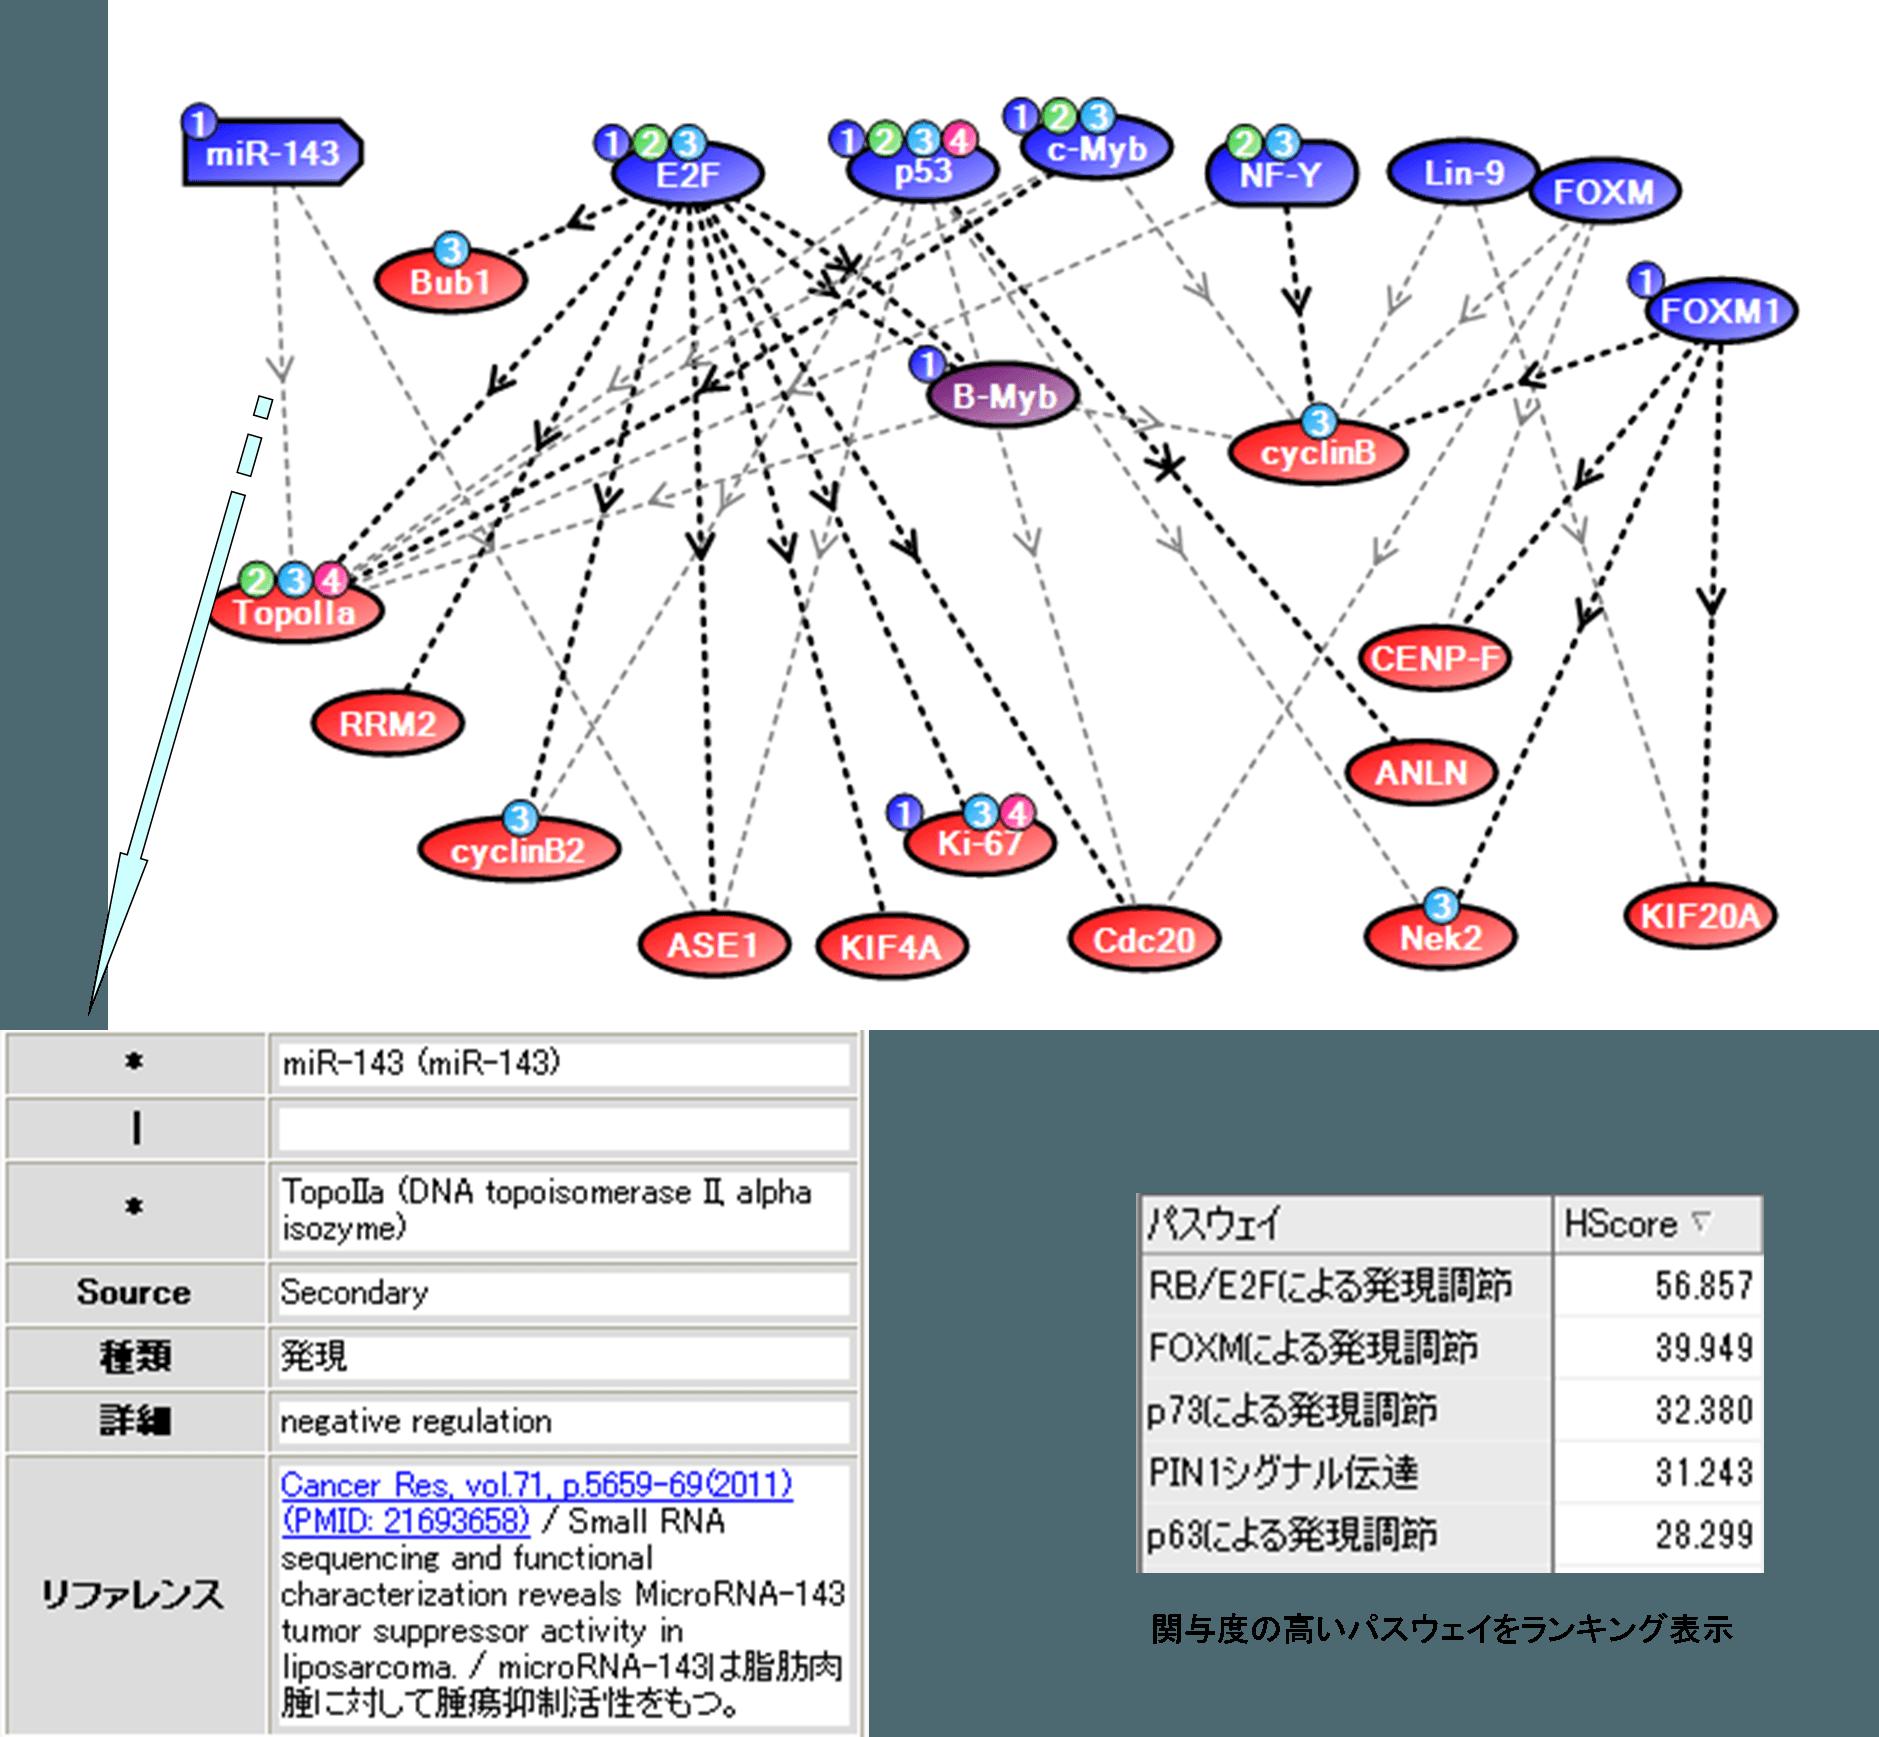 マイクロアレイデータ解析の実例